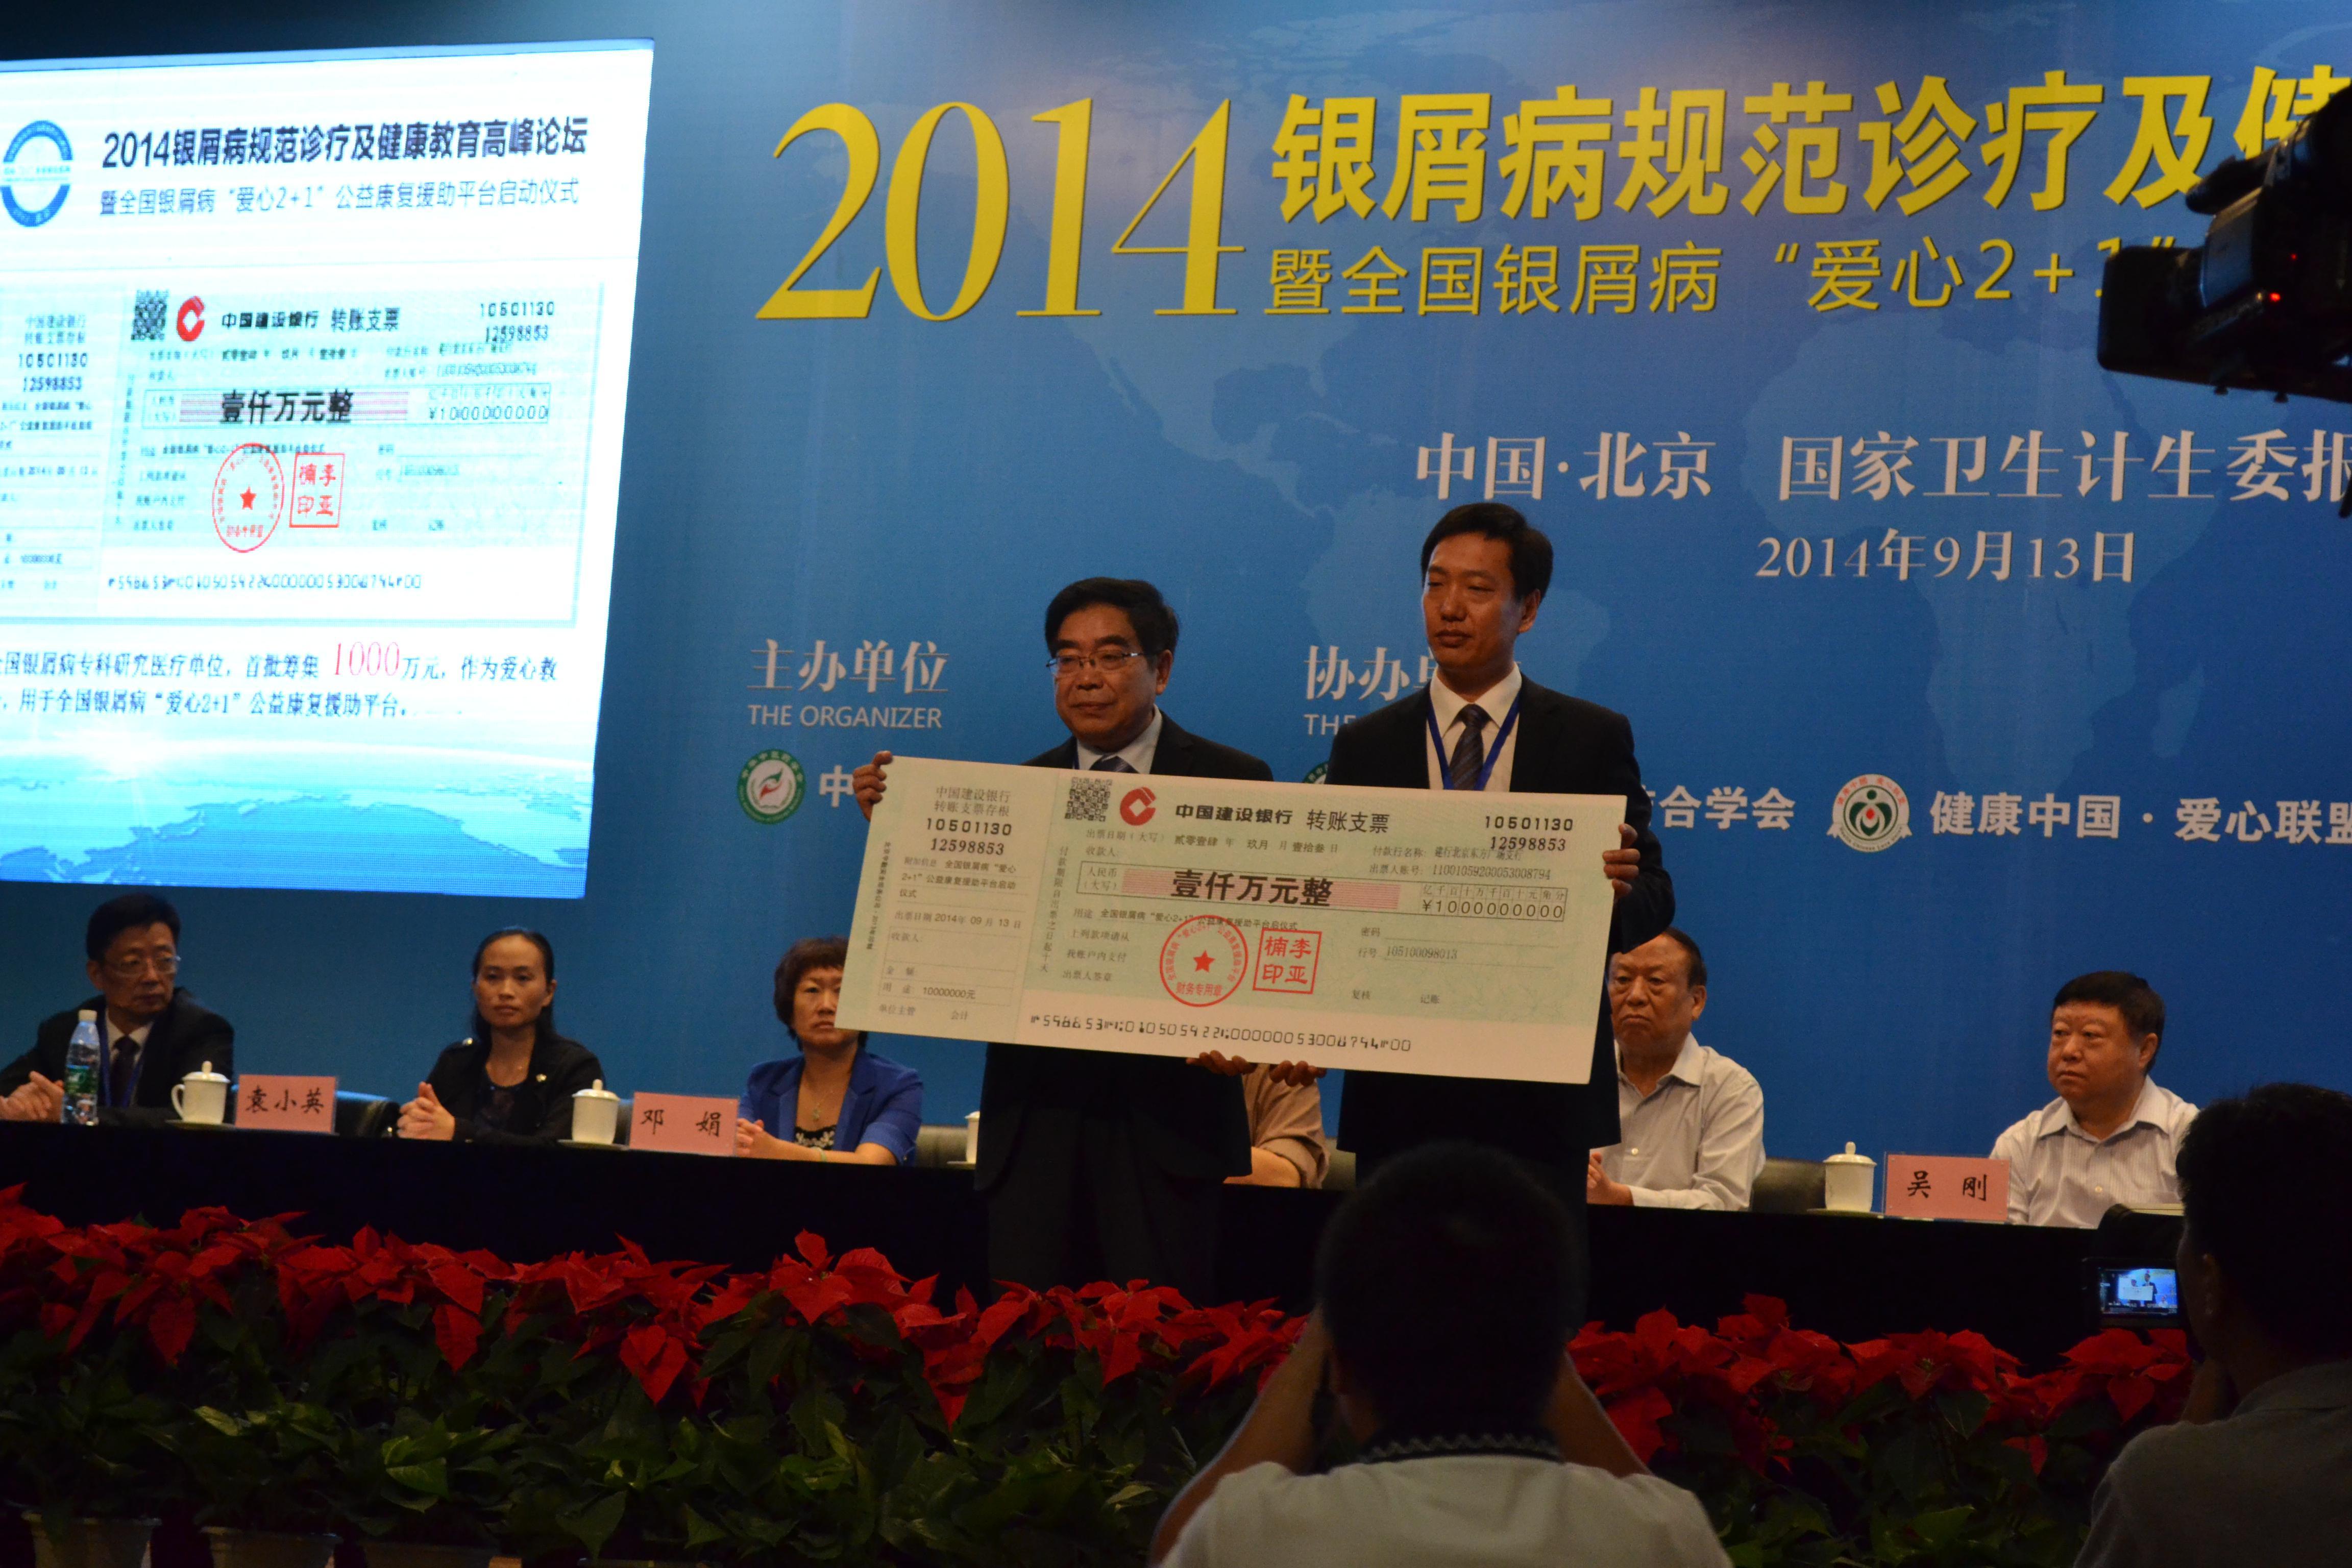 2014银屑病规范诊疗大会在京顺利召开